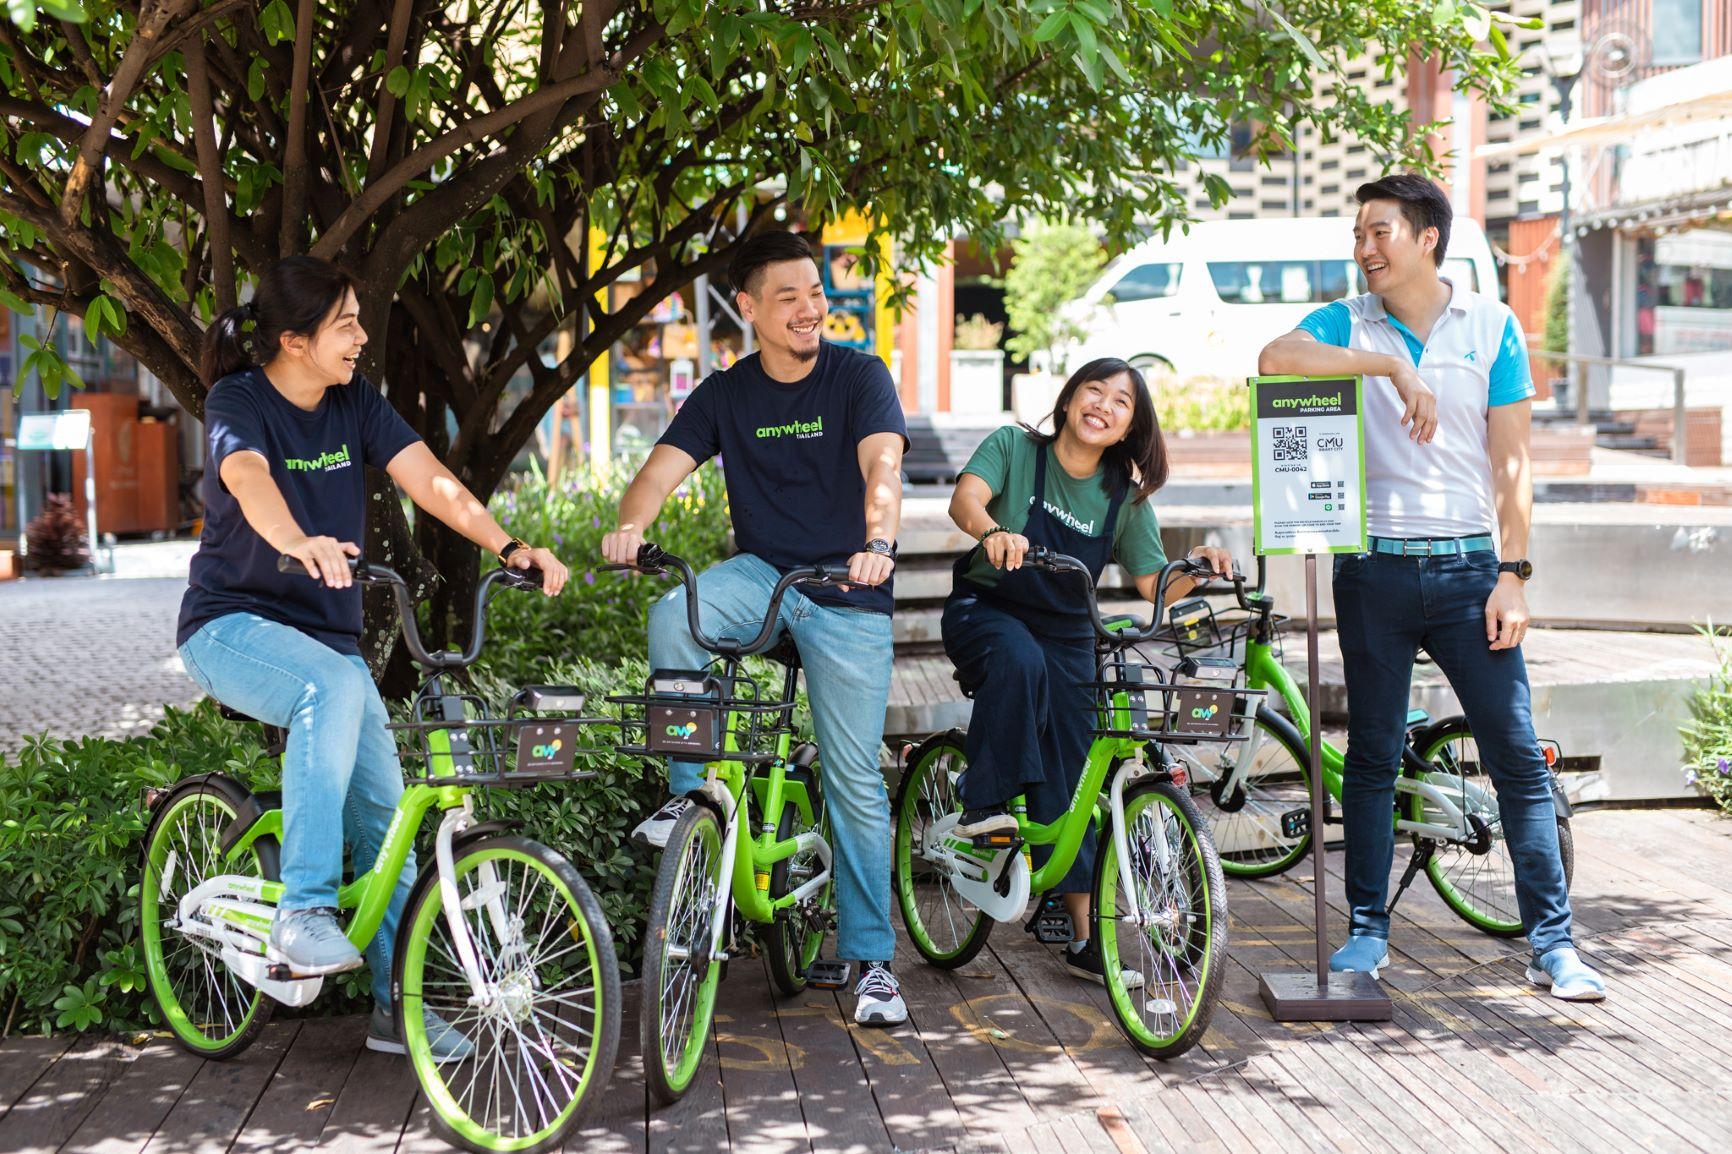 เอนี่วิลจักรยานสาธารณะ มอบทางเลือกการสัญจรให้ชาวเชียงใหม่ช่วยลดมลพิษ ผ่านโครงข่าย IoT ซิมอัจฉริยะจาก dtac Business